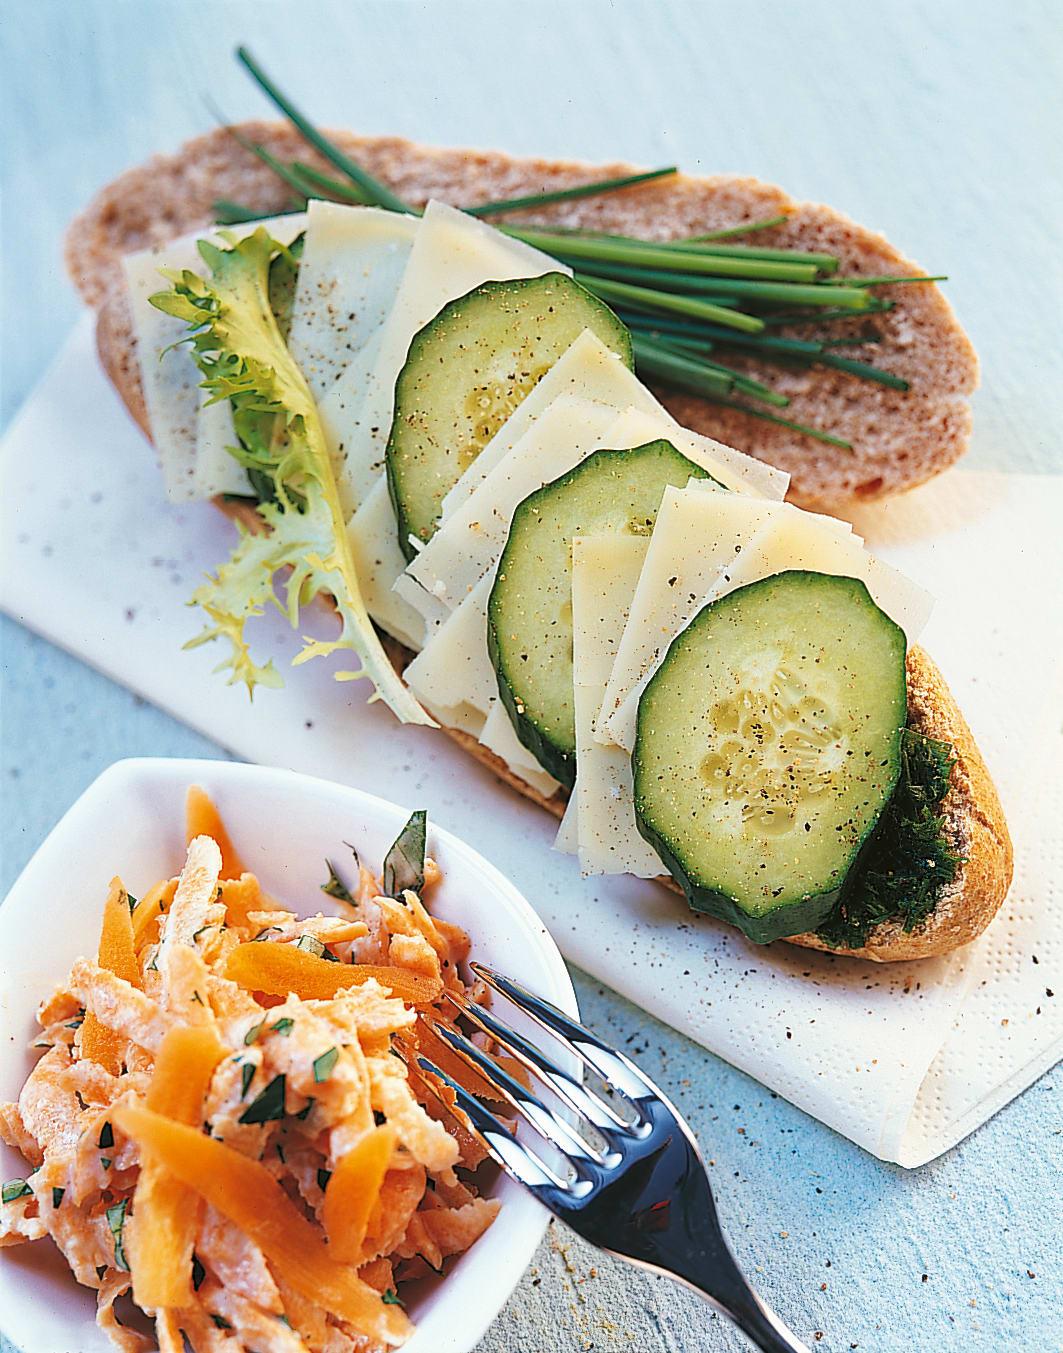 Käse-Schnittlauch-Sandwiches mit Rüeblisalat